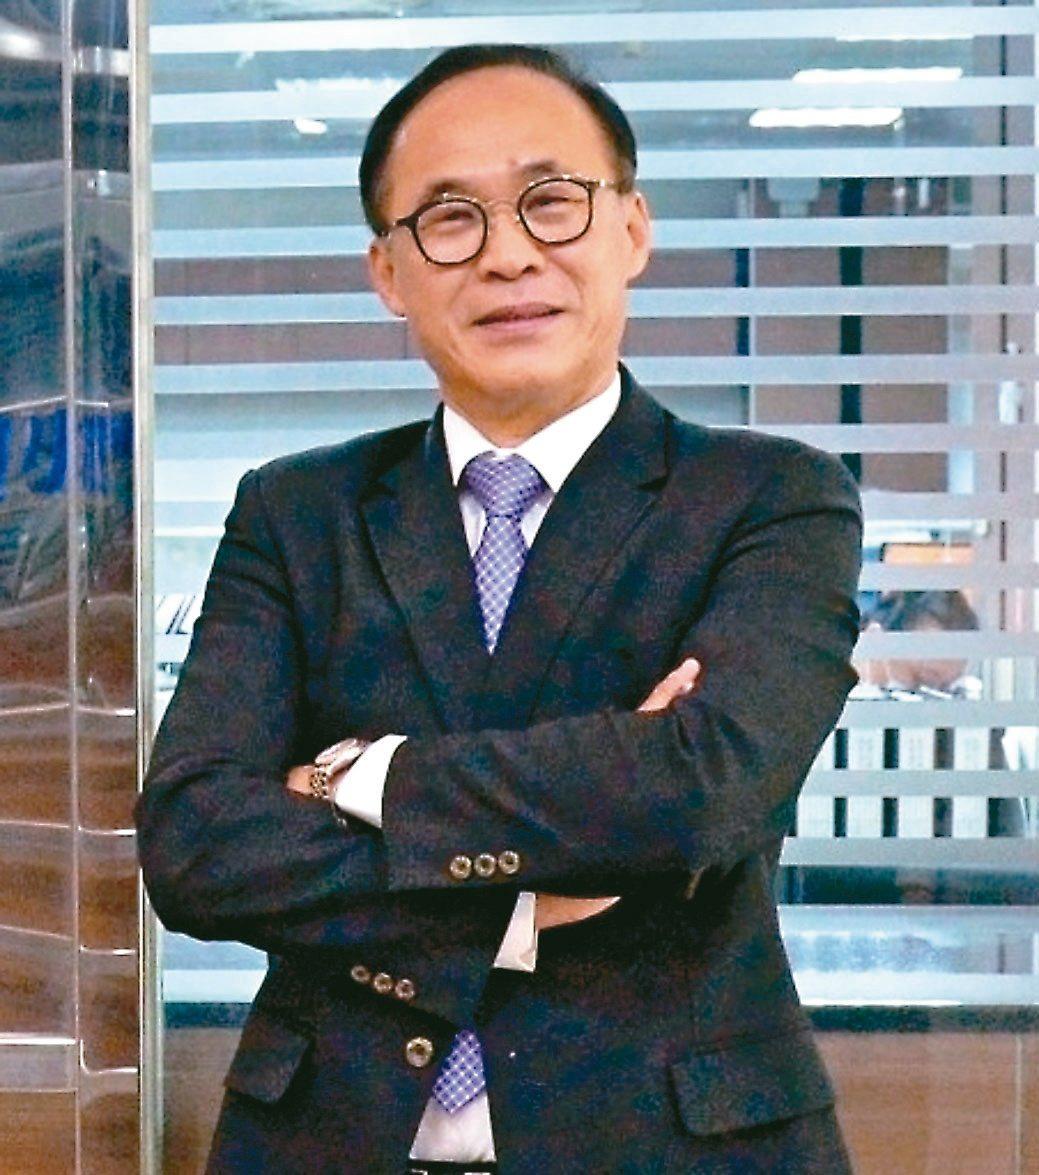 宇隆科技董事長劉俊昌。程泰亞崴集團/提供